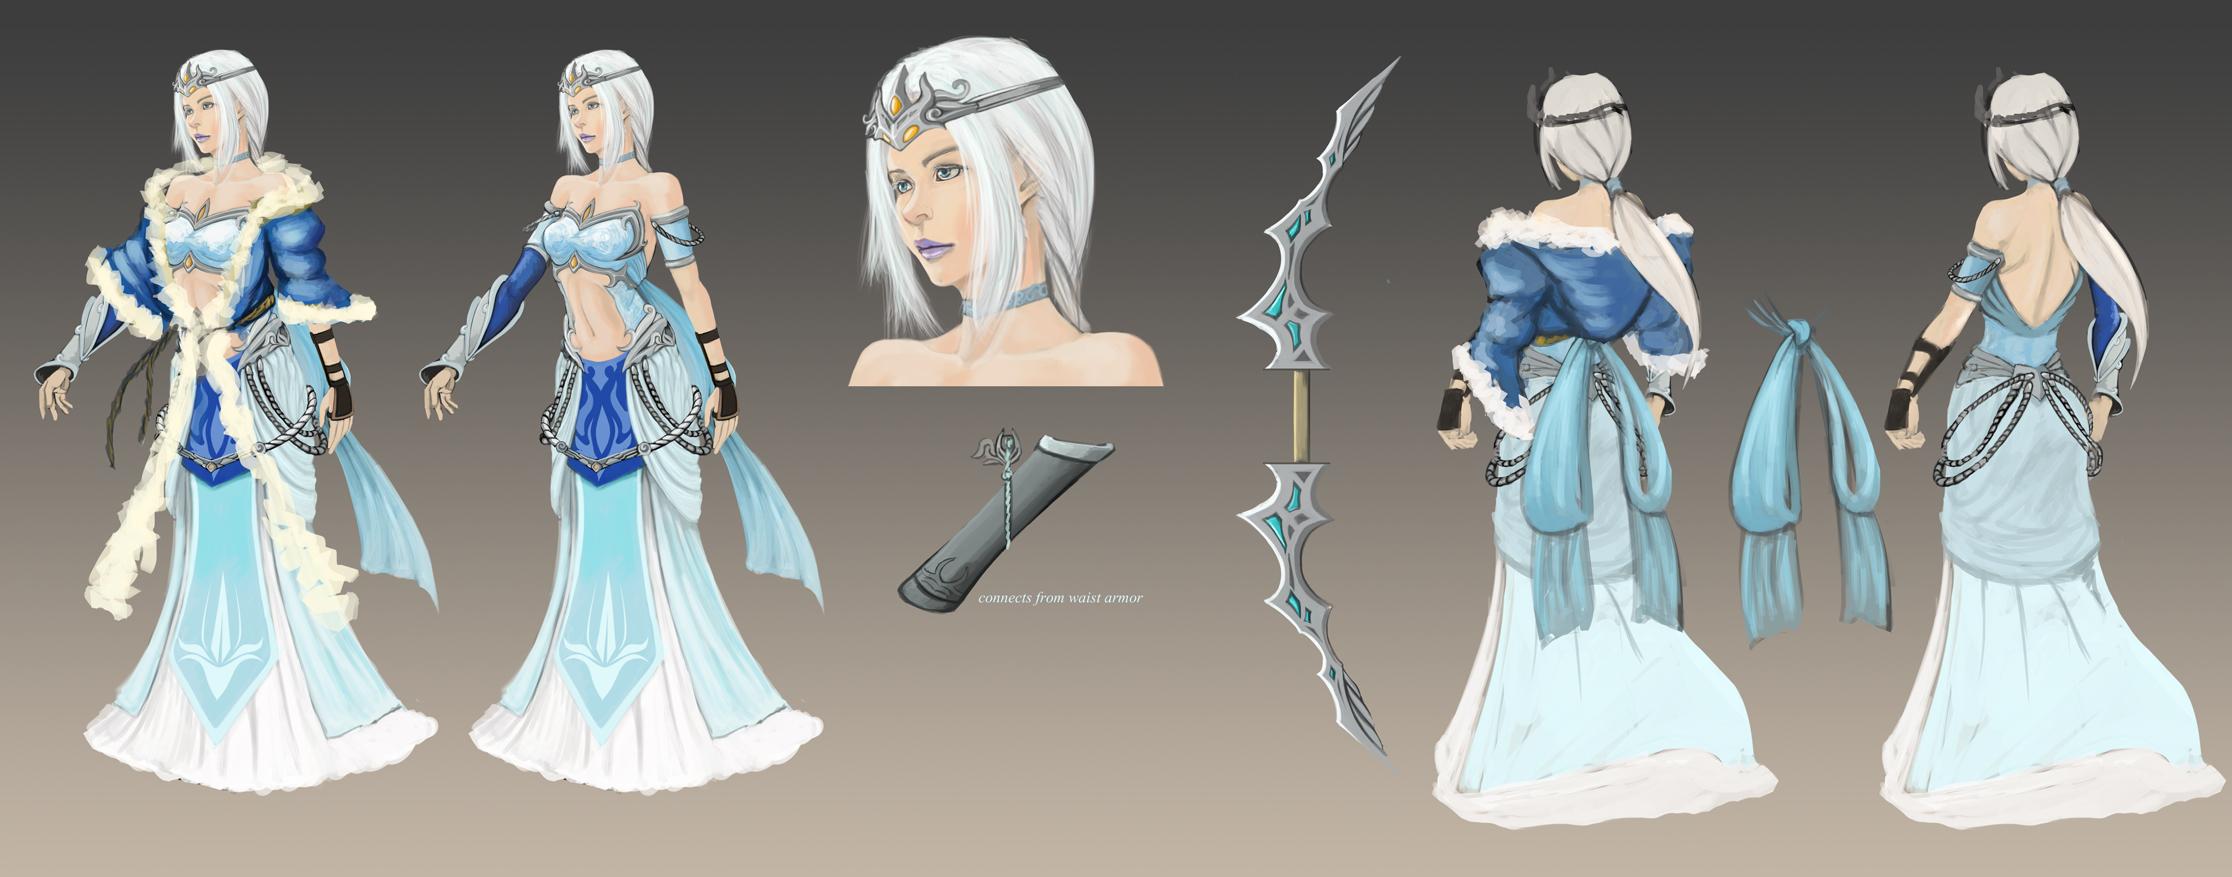 Queen Ashe Redesign by Nahkuman